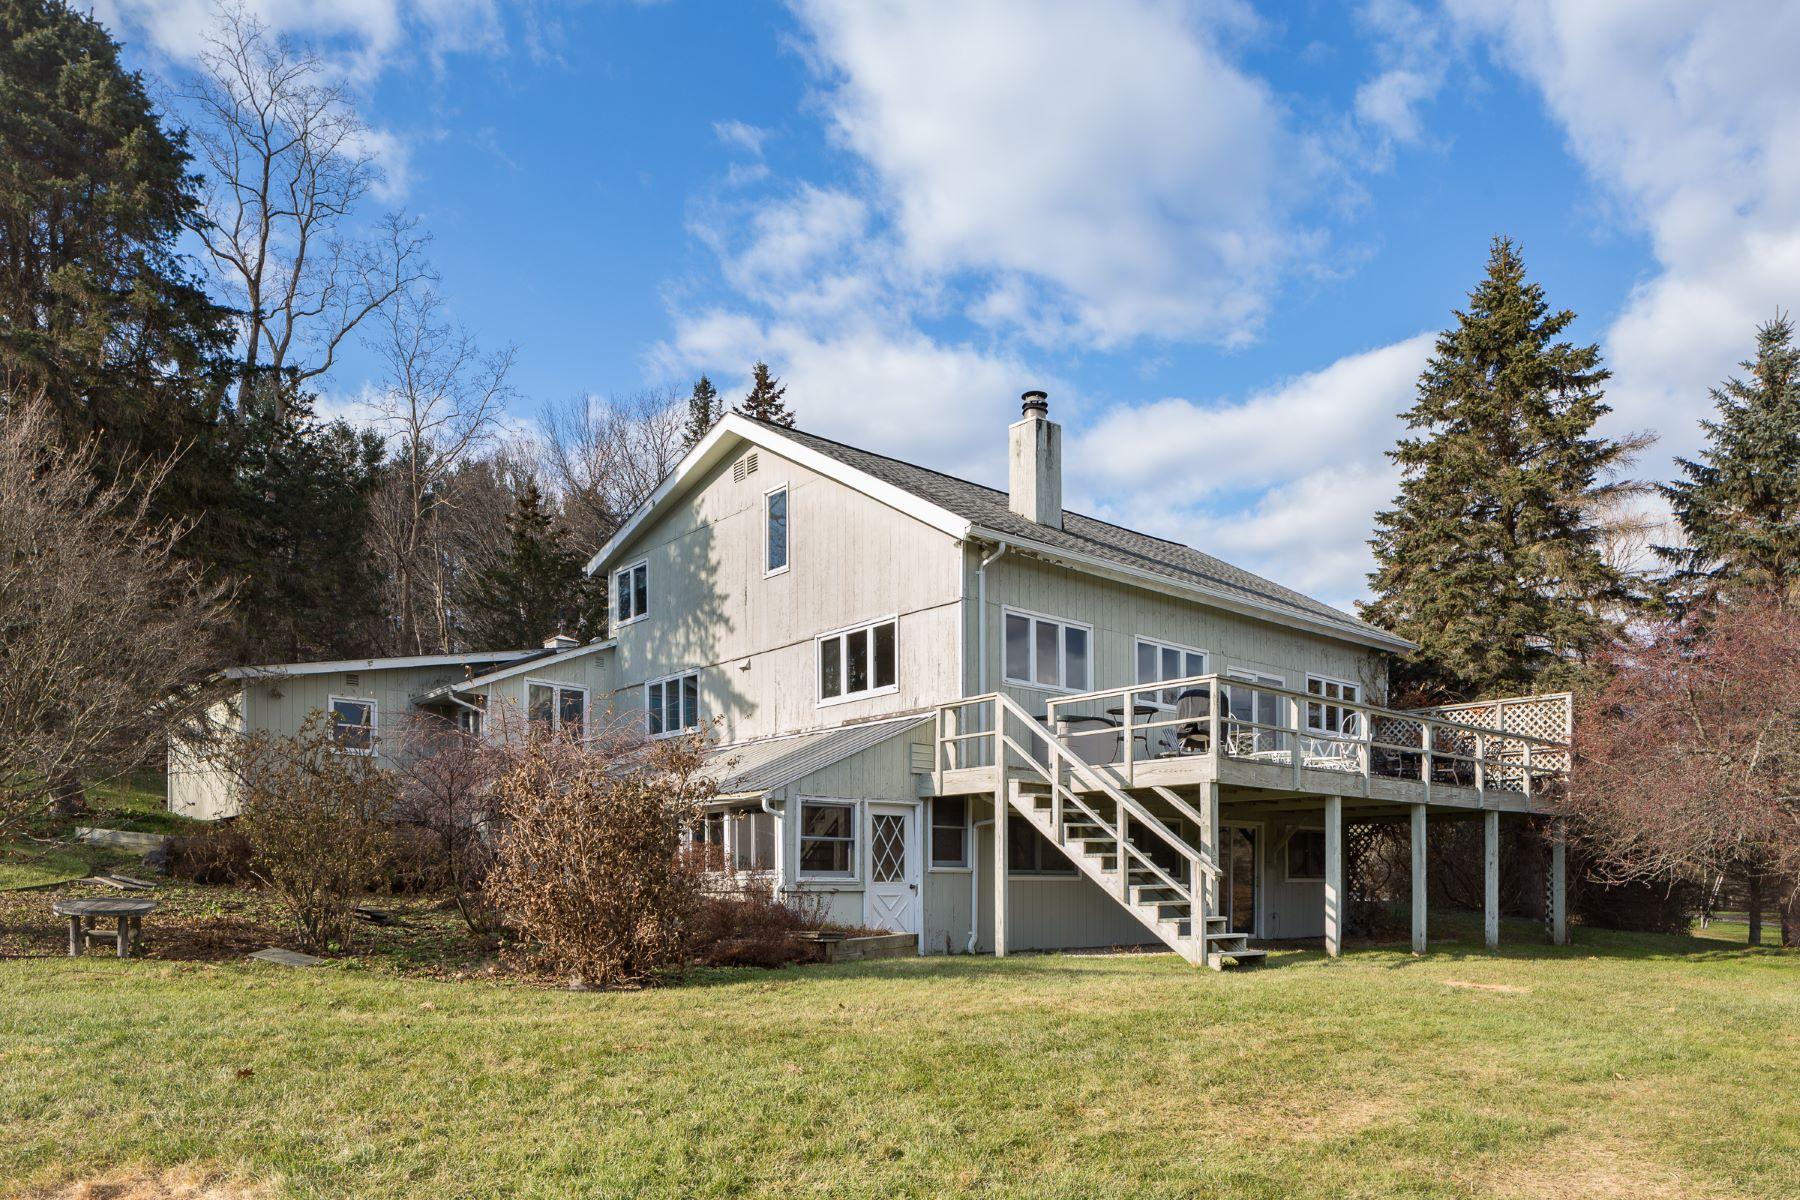 Tek Ailelik Ev için Satış at Contemporary Country Retreat 1748 County Rte 5 Canaan, New York 12029 Amerika Birleşik Devletleri